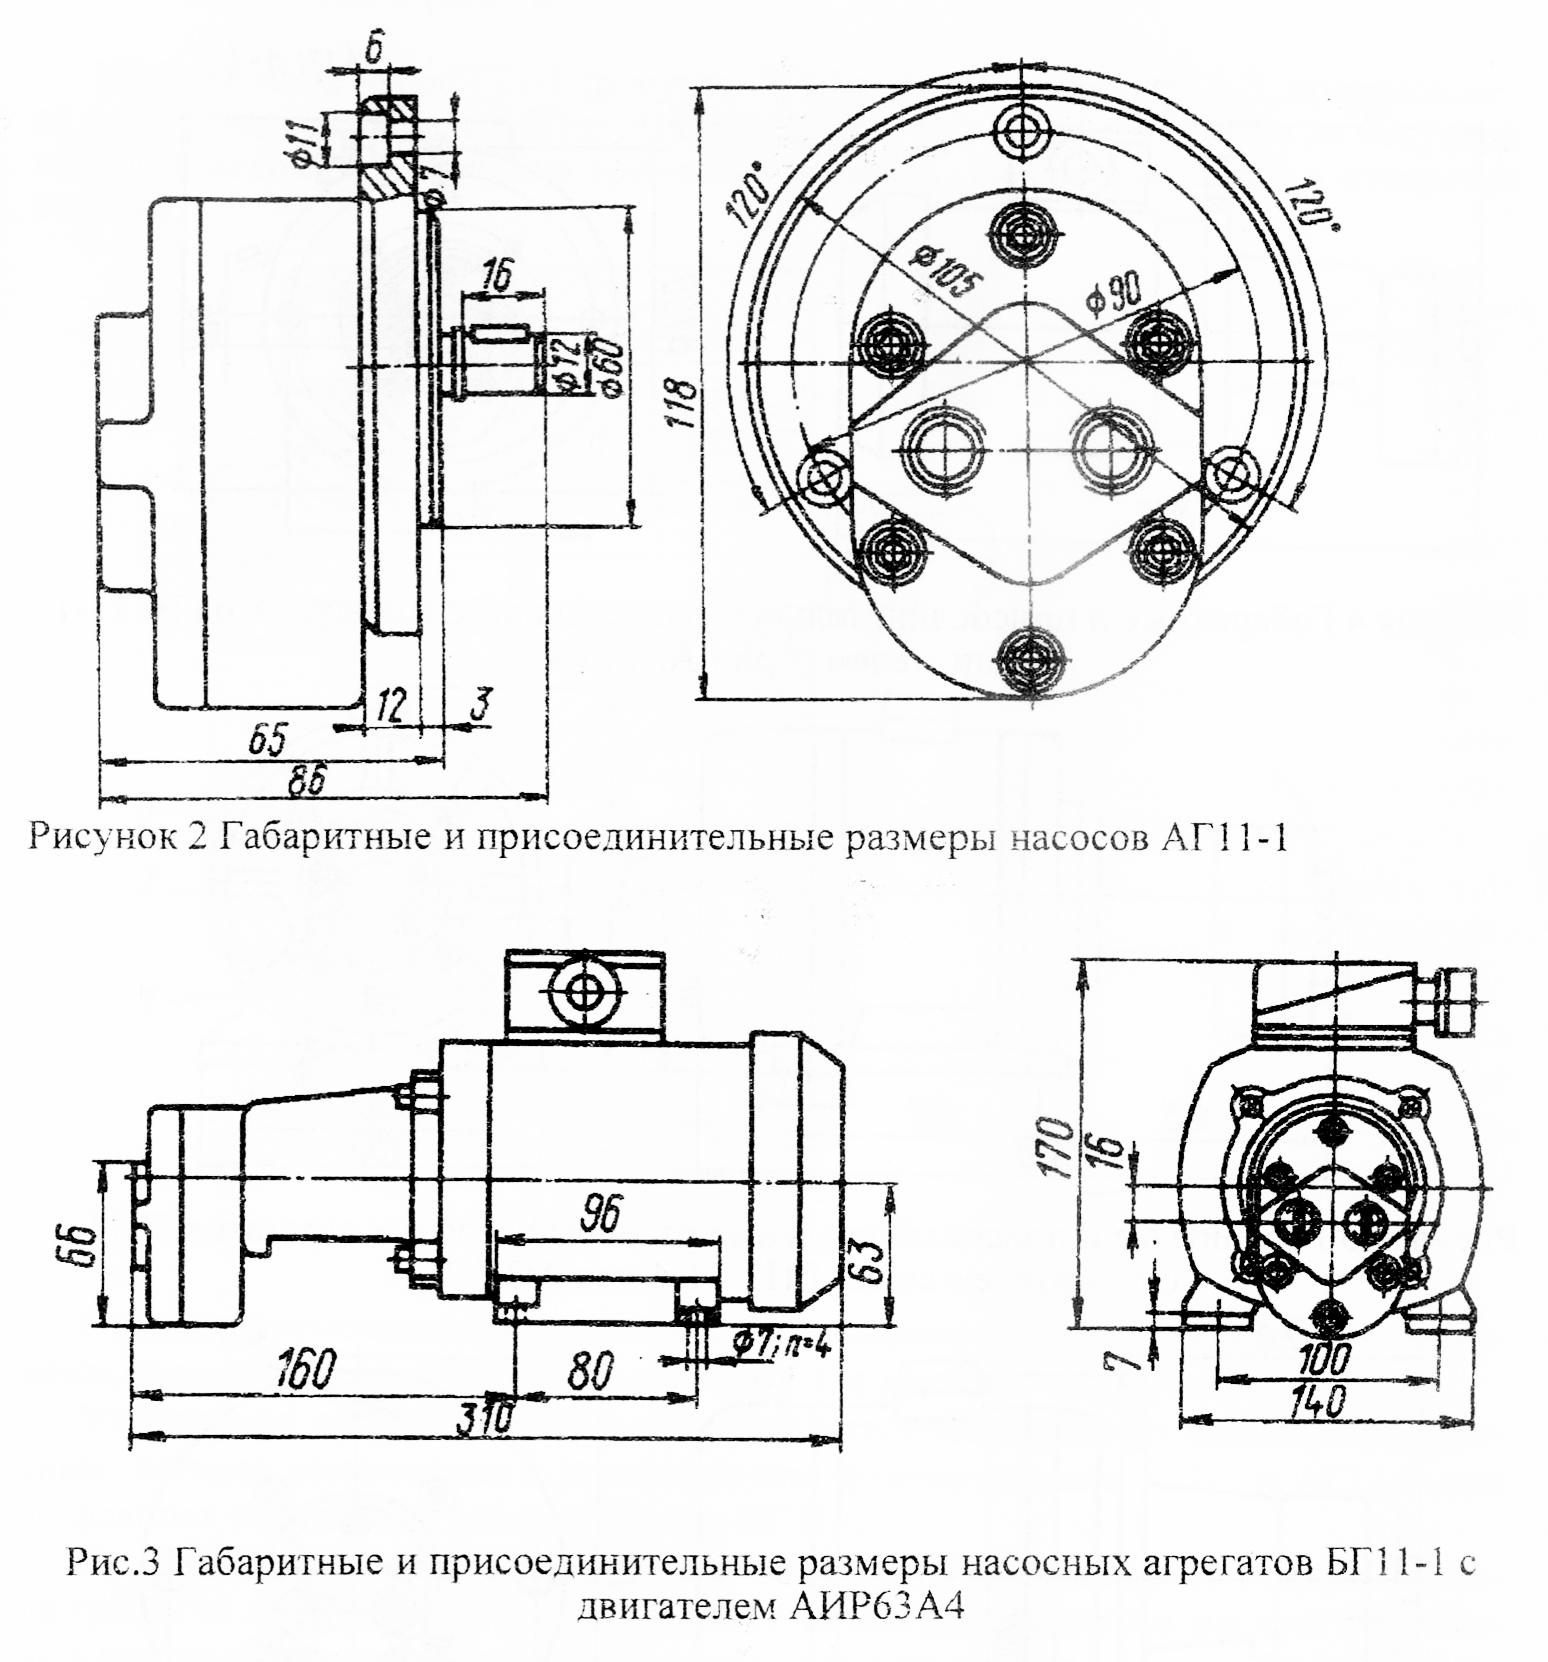 Основные габаритные и присоединительные размеры насосов  и агрегатов  АГ11-11 БГ11-11 ВГ11-11   АГ11-11А БГ11-11А ВГ11-11А